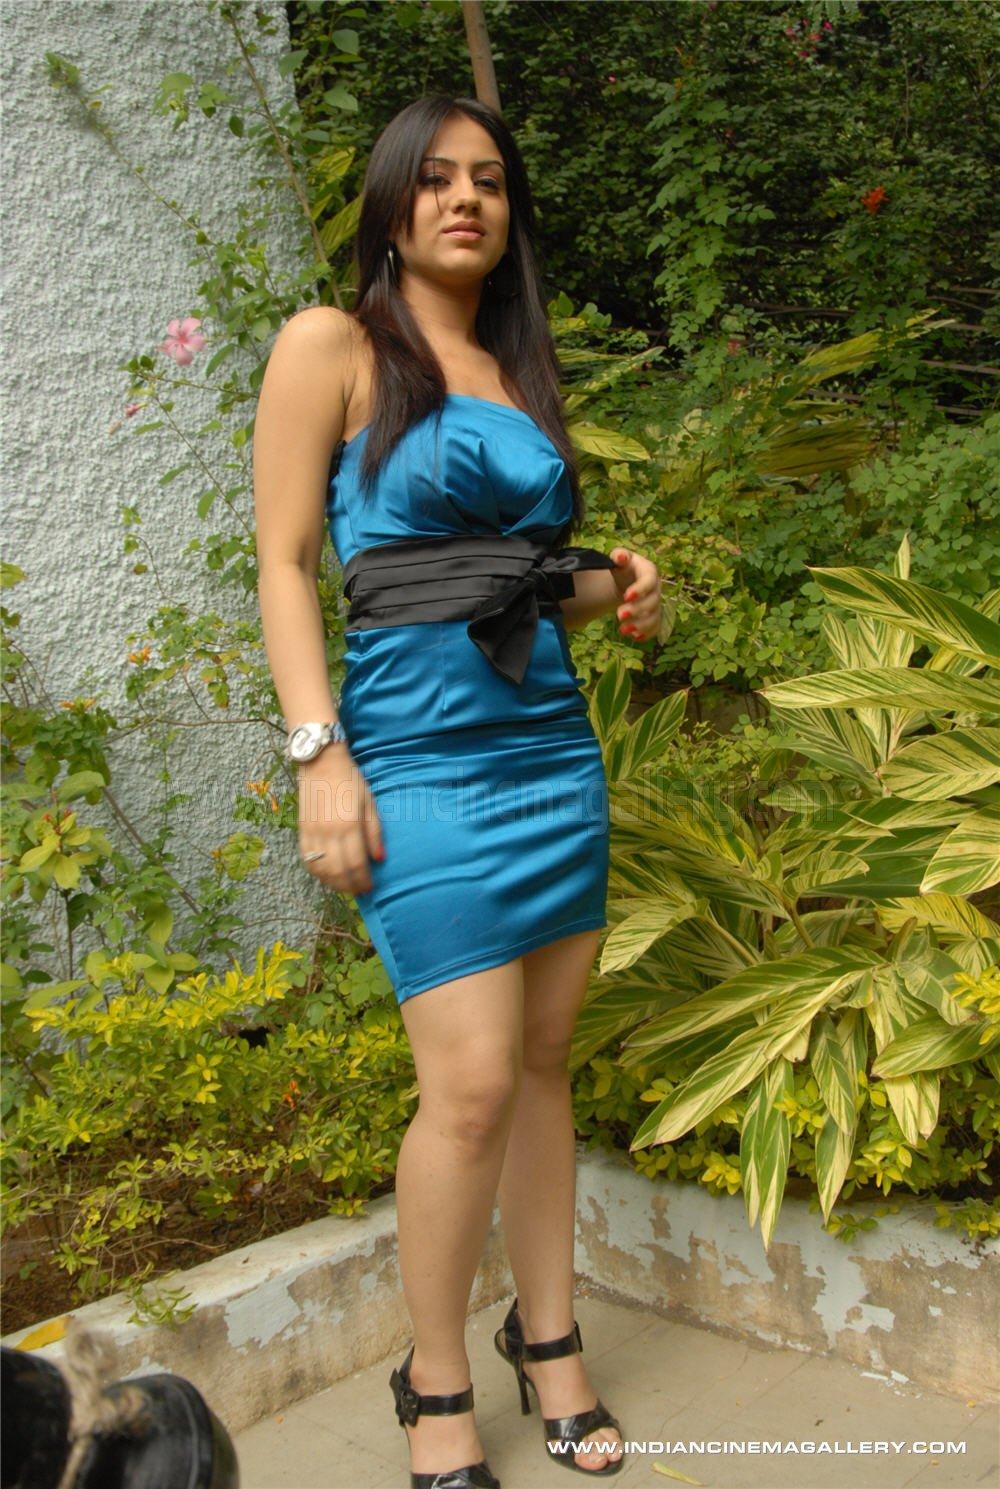 http://3.bp.blogspot.com/_-hNcU_oGQVM/Sw4X-X6ZifI/AAAAAAAAQEw/CCety6xWBc8/s1600/Aksha+picture+gallery+25_11_09+_43_.jpg